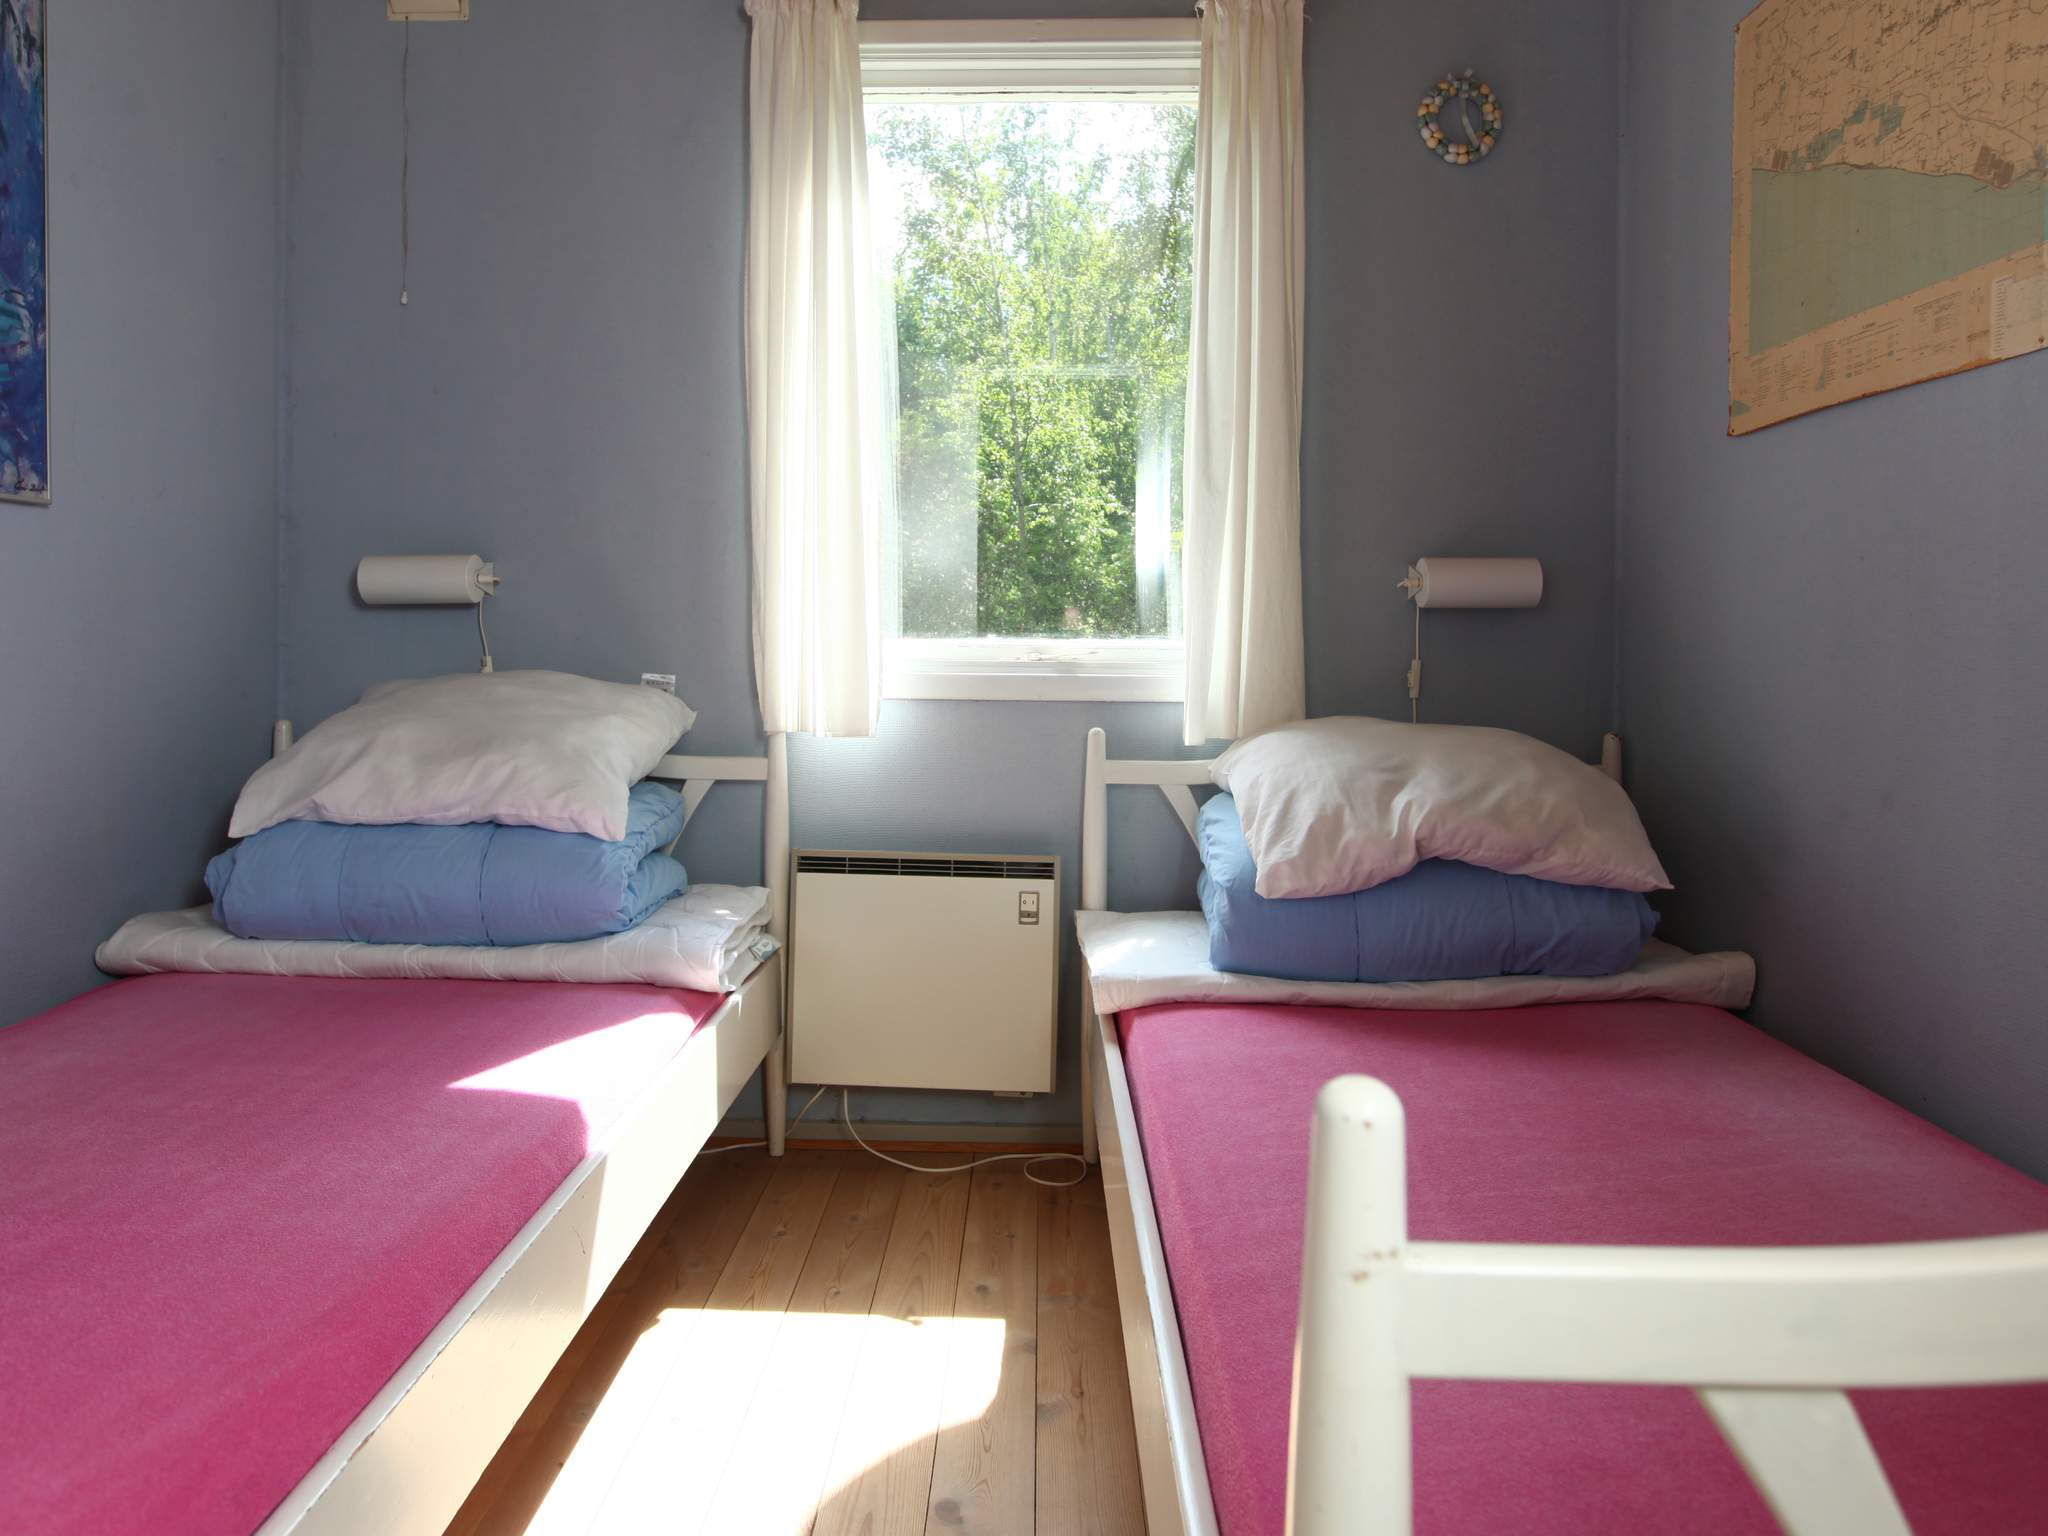 Ferienhaus Hummingen (89267), Hummingen, , Lolland, Dänemark, Bild 10